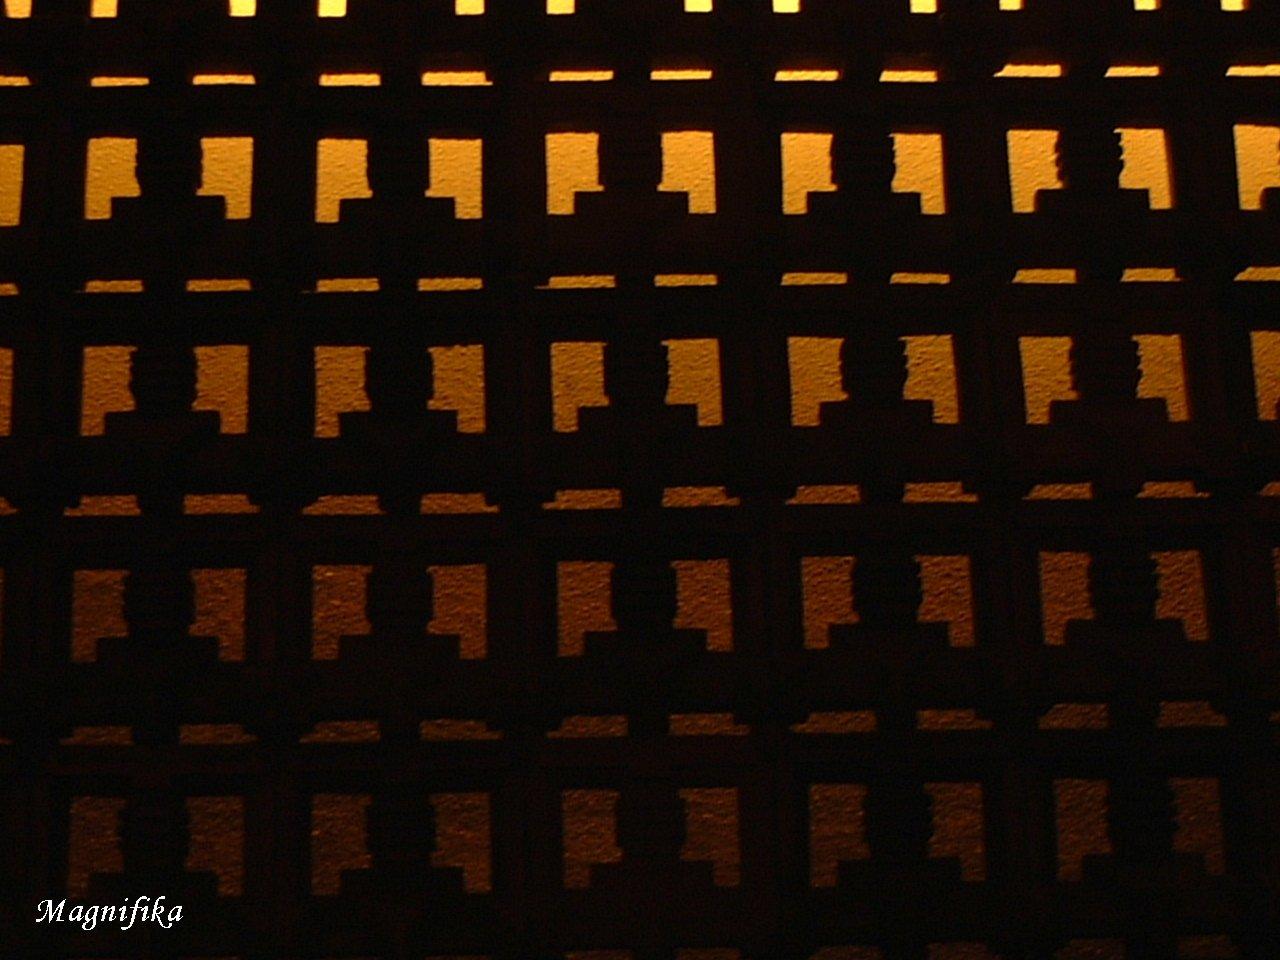 Frank Lloyd Wright の 名残り Frank Lloyd Wright_e0140365_0485744.jpg